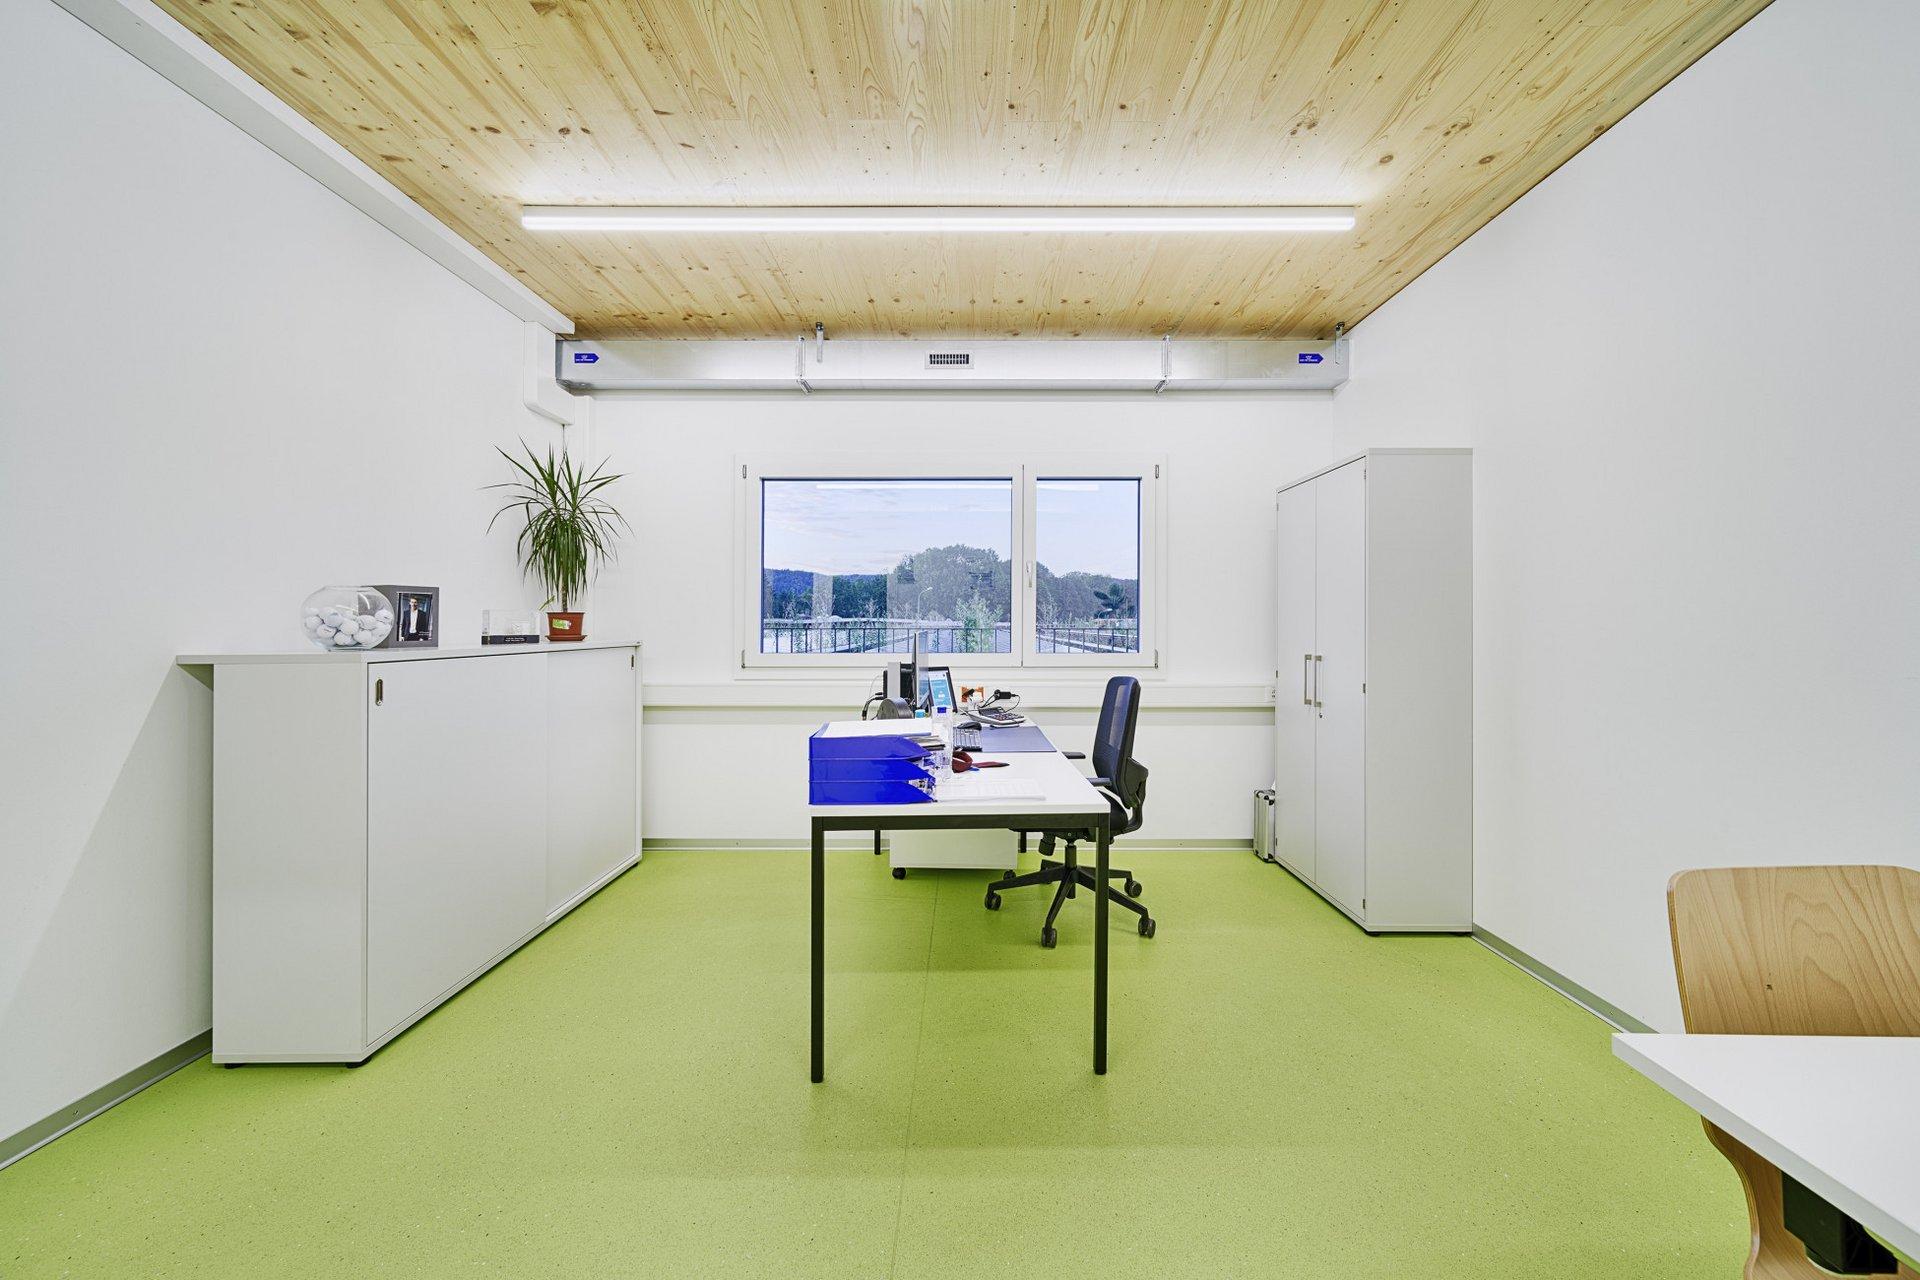 Einblick in ein Einzelbüro mit einer Holzdecke und einem grünen Boden und einem einzigen Fenster mit Bergblick